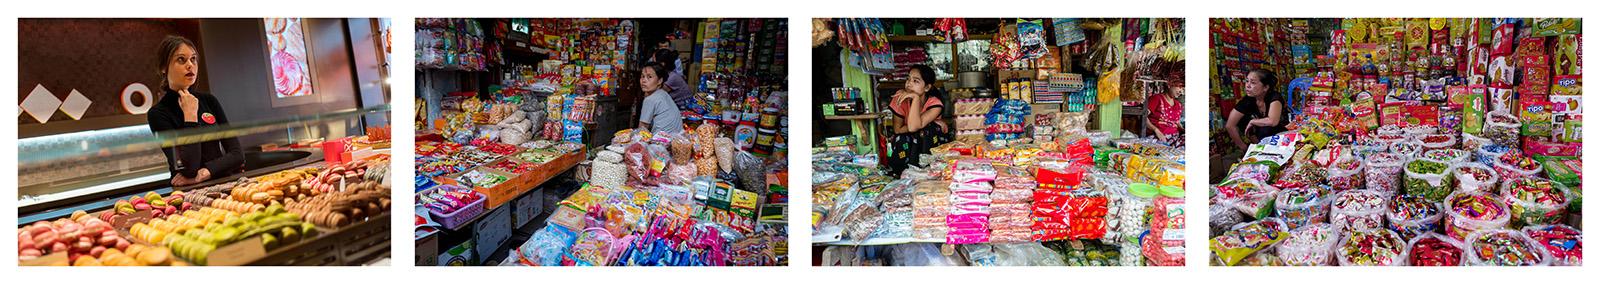 Sweets. Paris 2018, Hanoi 2016, Myanmar 2015, Hanoi 2016